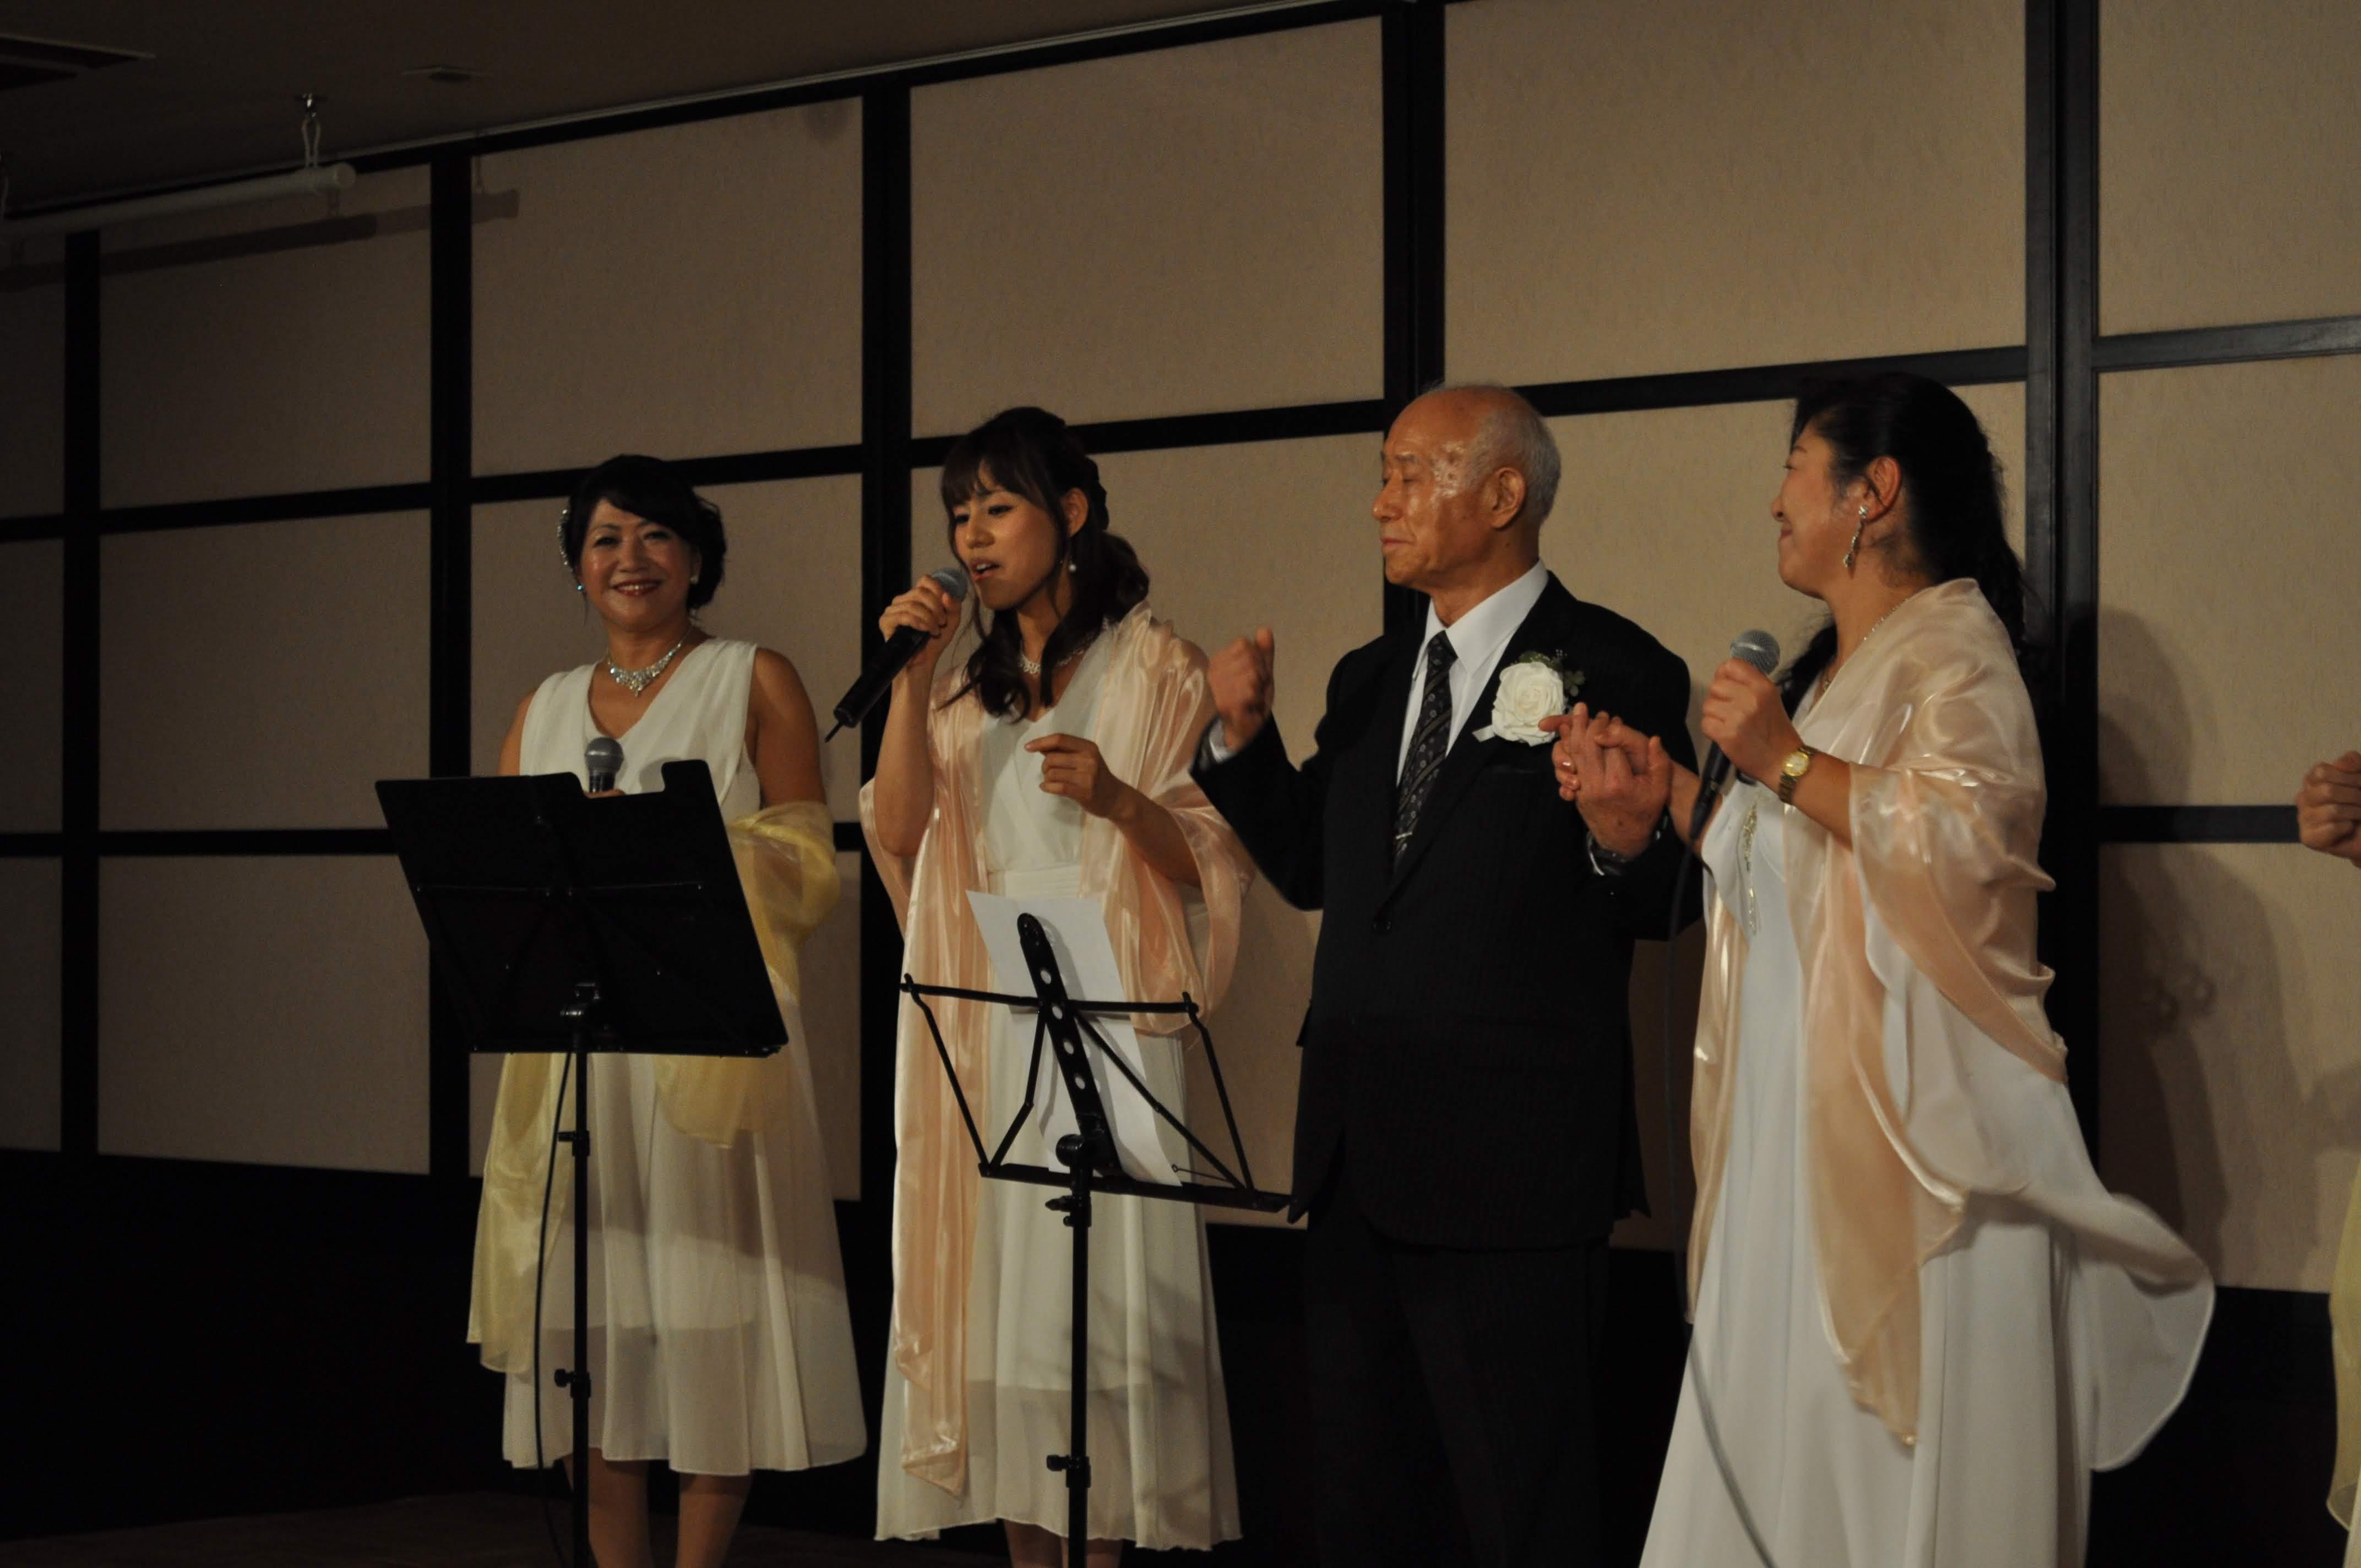 DSC 0530 1 - 思風会全国大会in広島